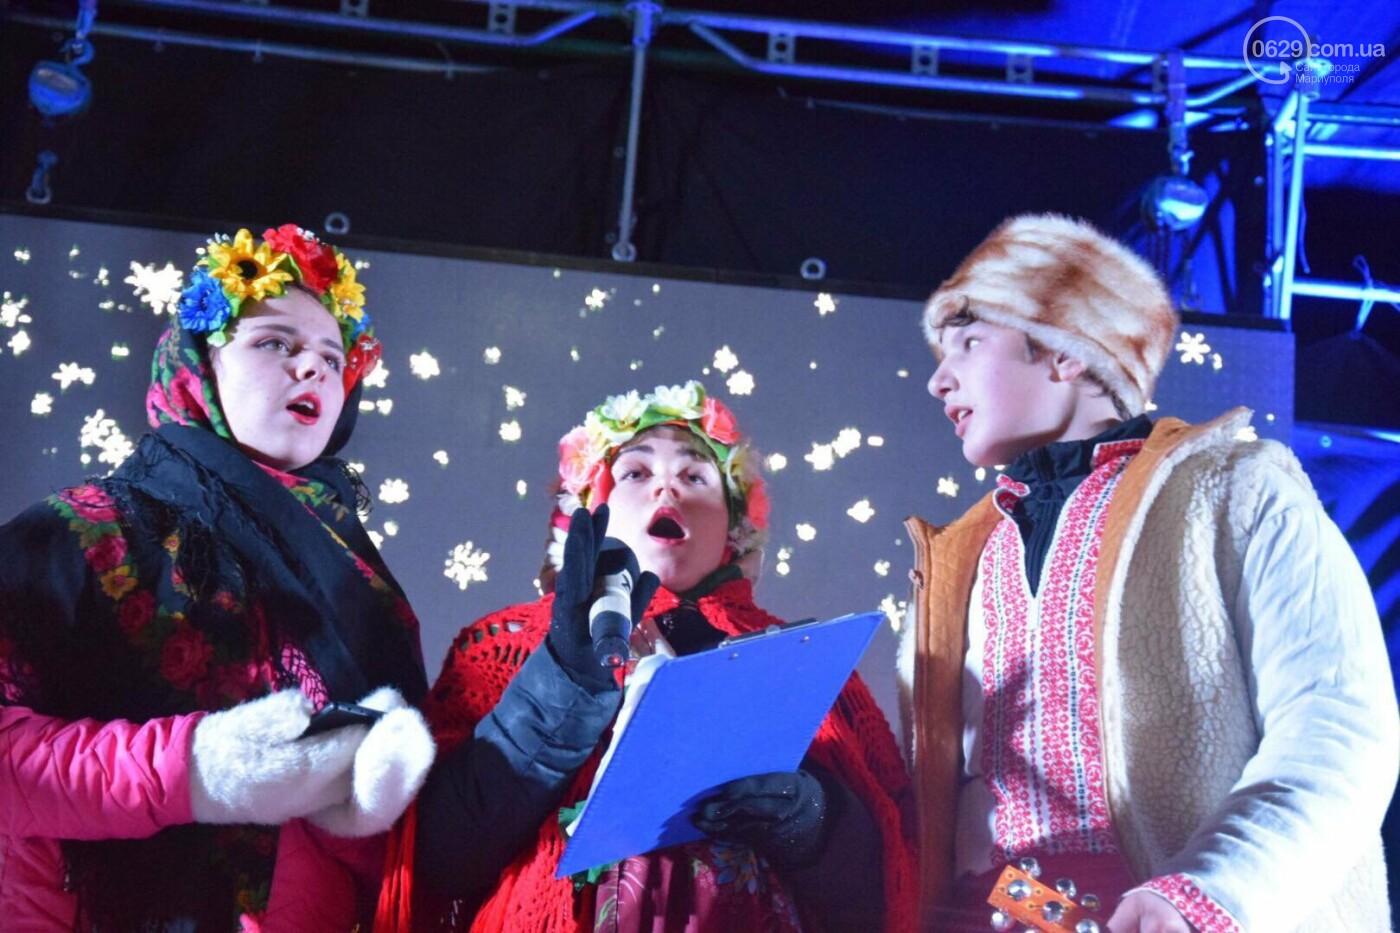 Мариупольцы отметили католическое Рождество, - ФОТО, ВИДЕО, фото-10